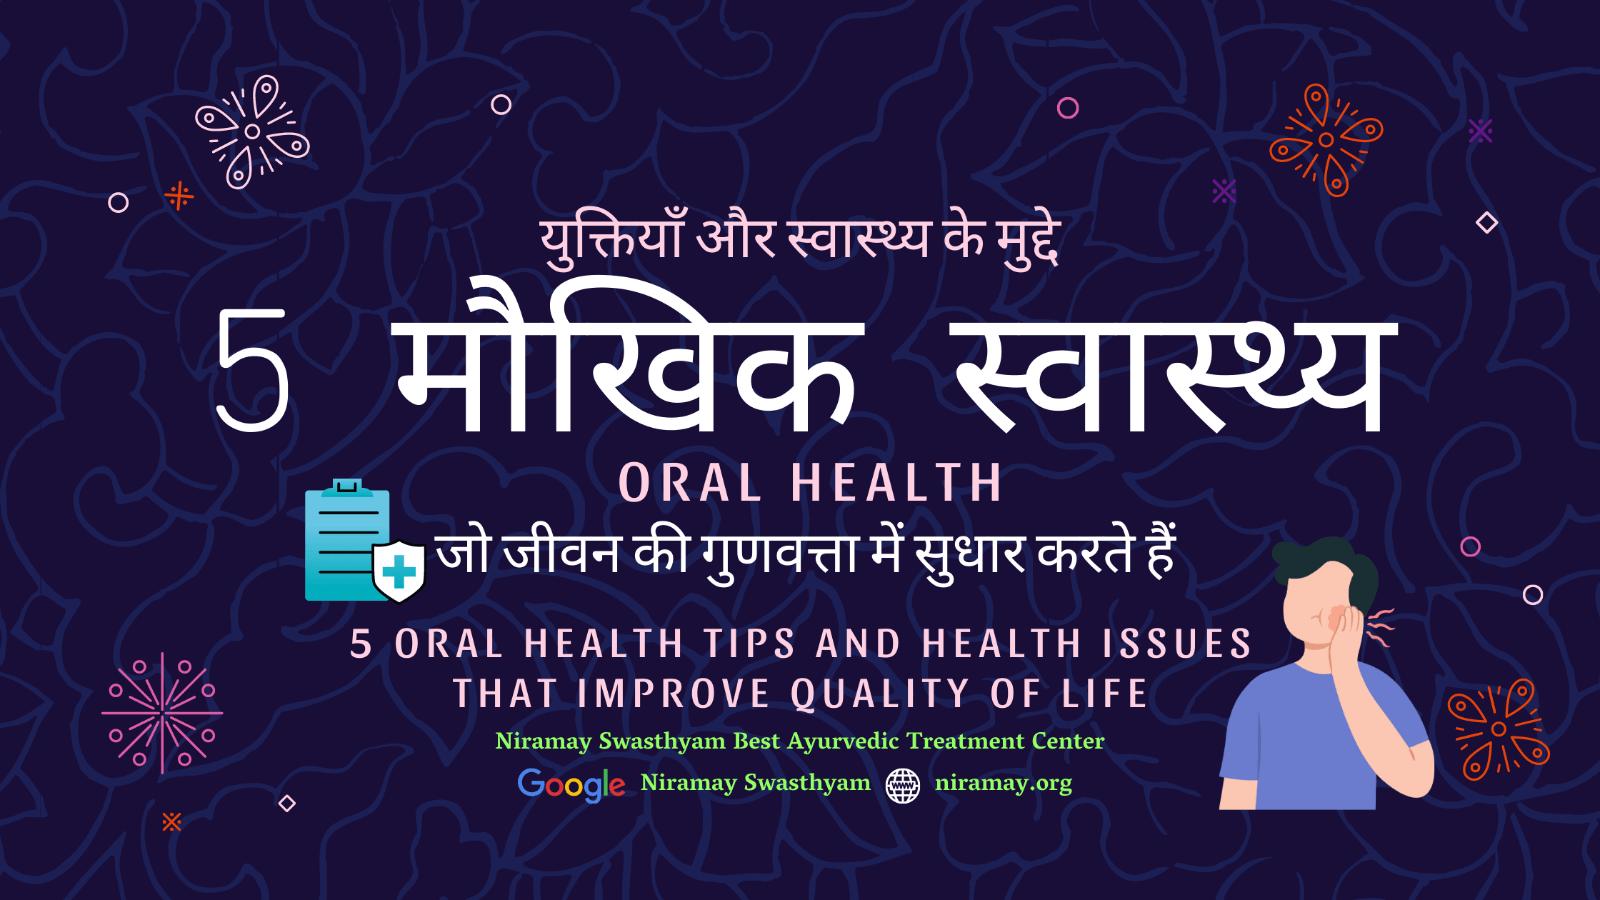 5 मौखिक स्वास्थ्य युक्तियाँ और स्वास्थ्य के मुद्दे जो जीवन की गुणवत्ता में सुधार करते हैं।